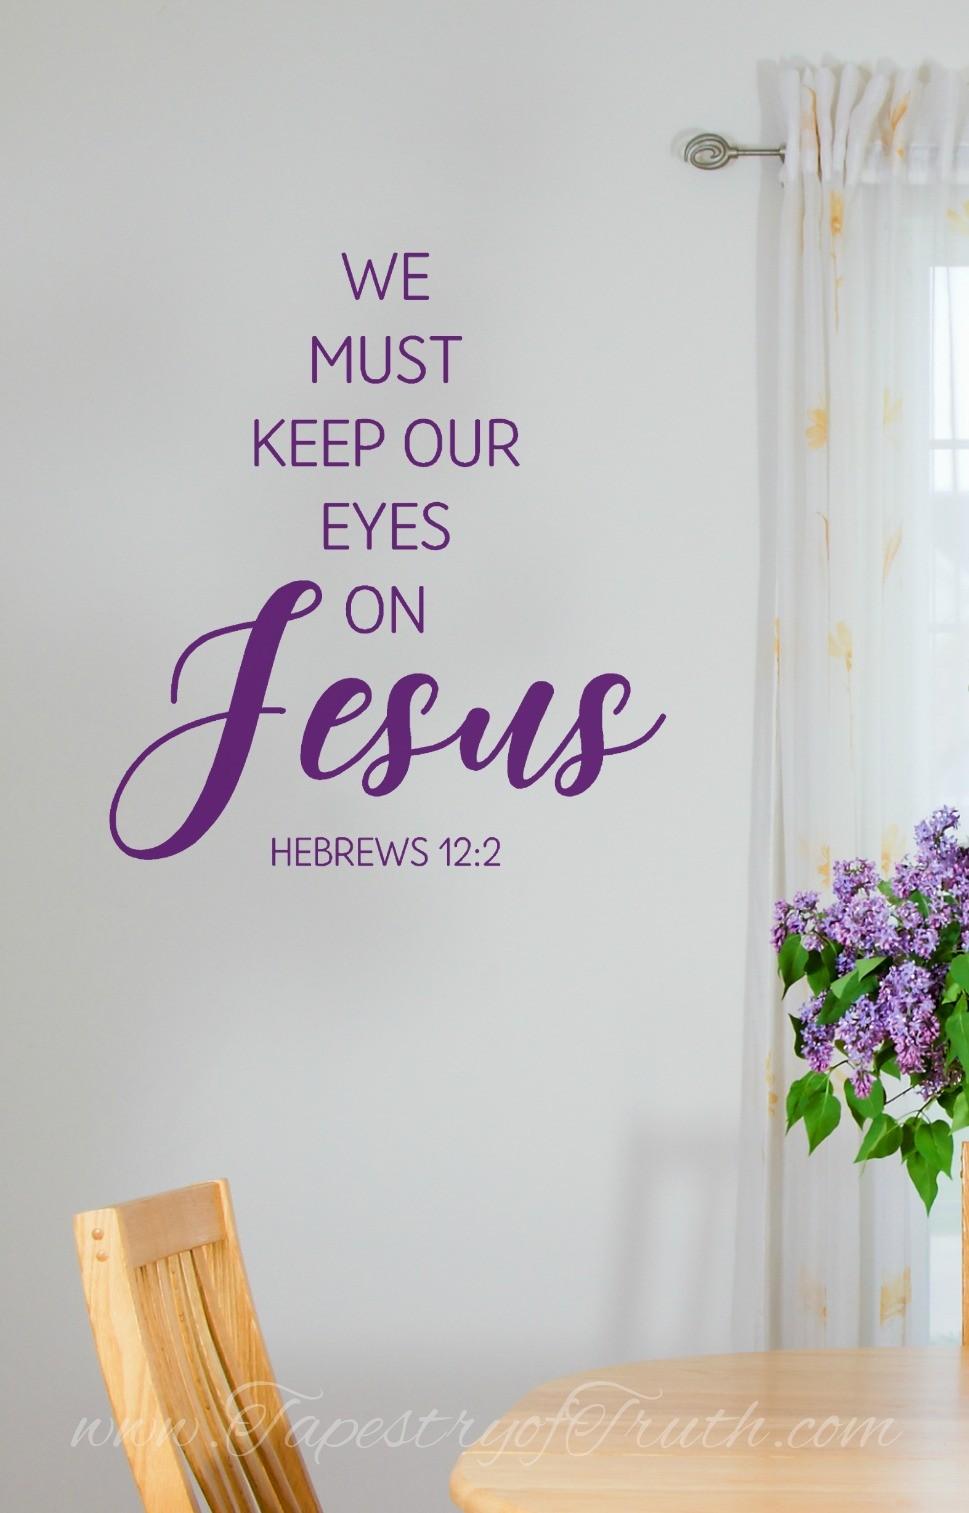 We must keep our eyes on Jesus. Hebrews 12:2